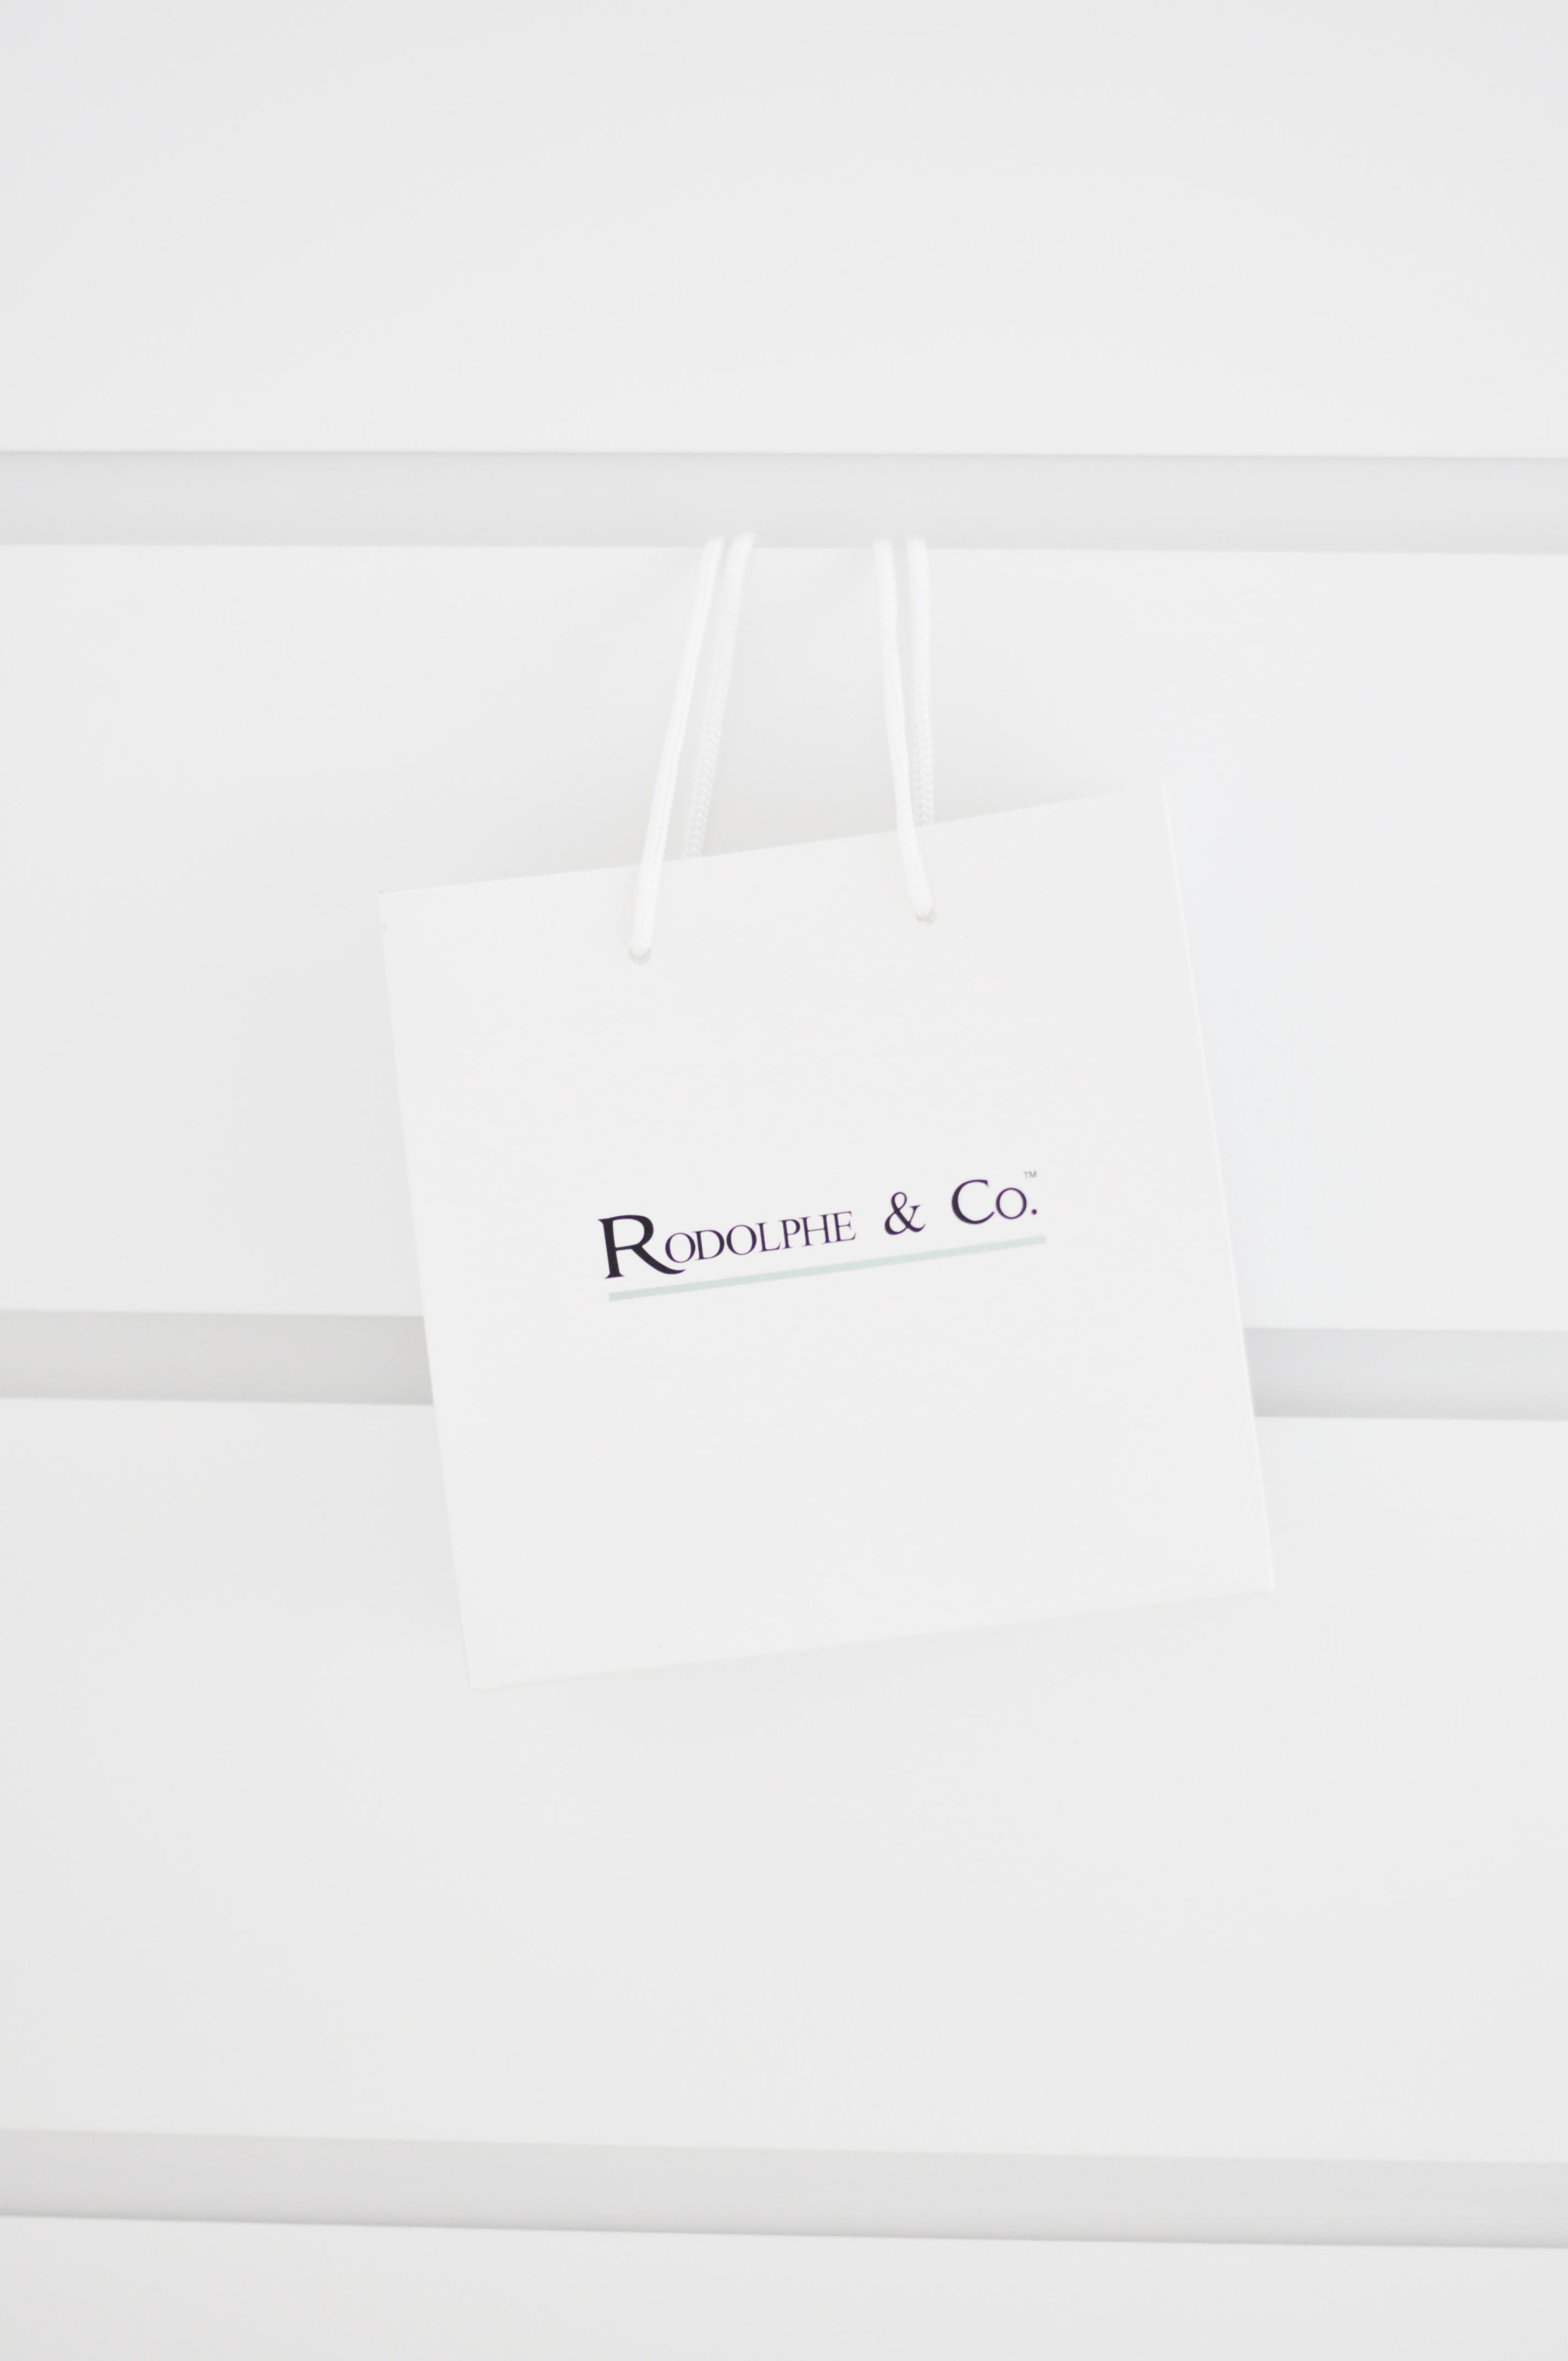 rodolph.packaging